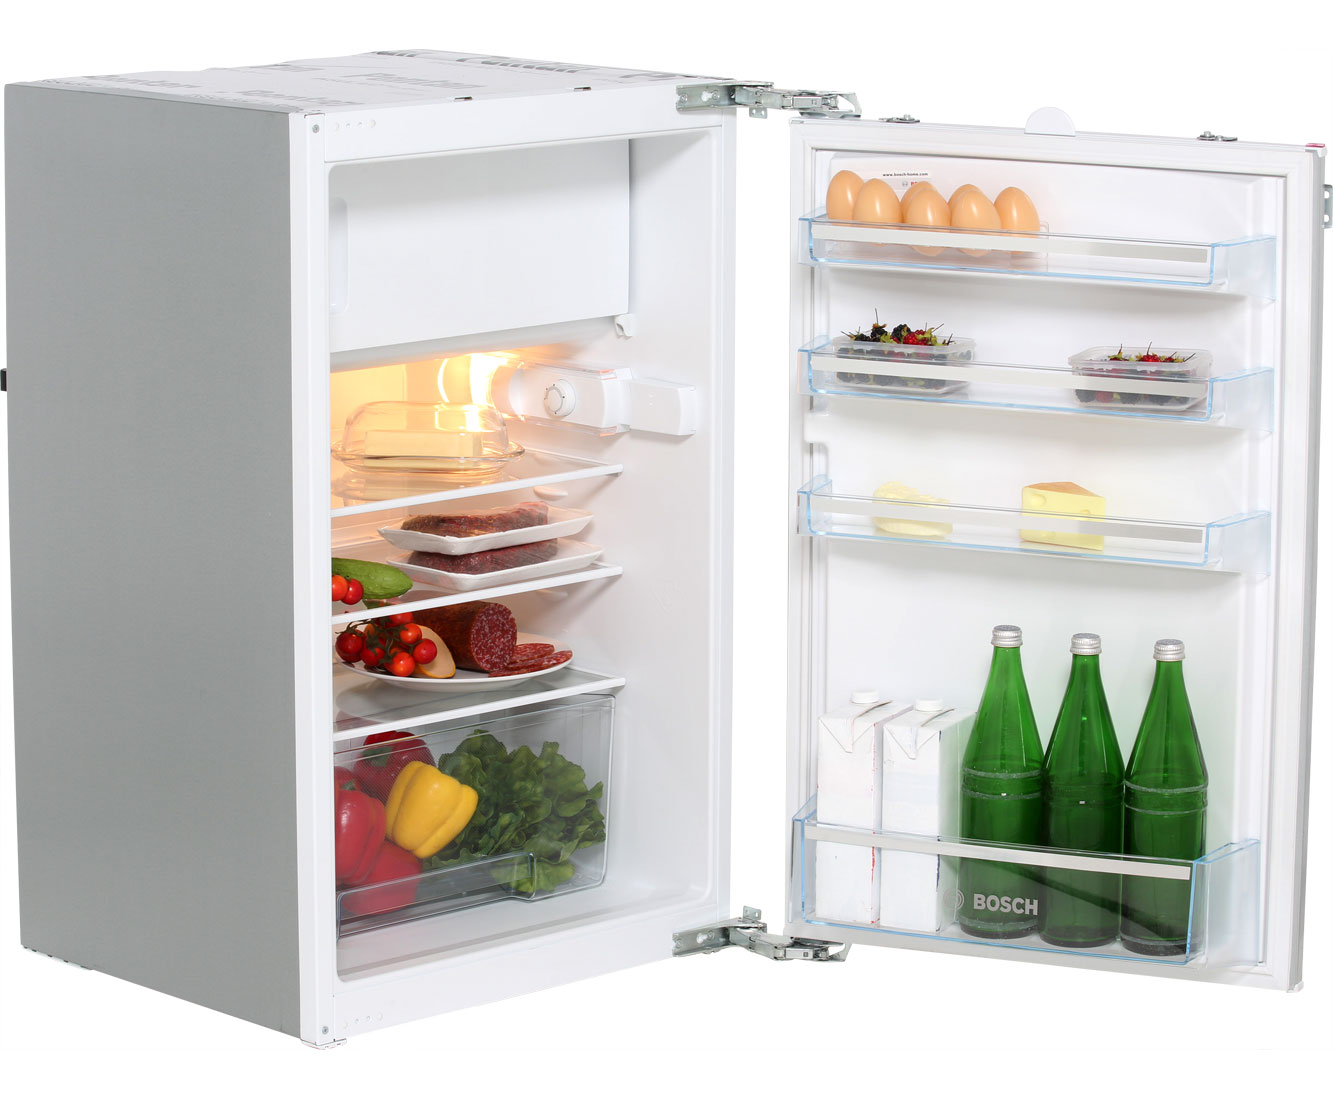 Bosch Cooler Kühlschrank : Bosch serie kil v einbau kühlschrank mit gefrierfach er